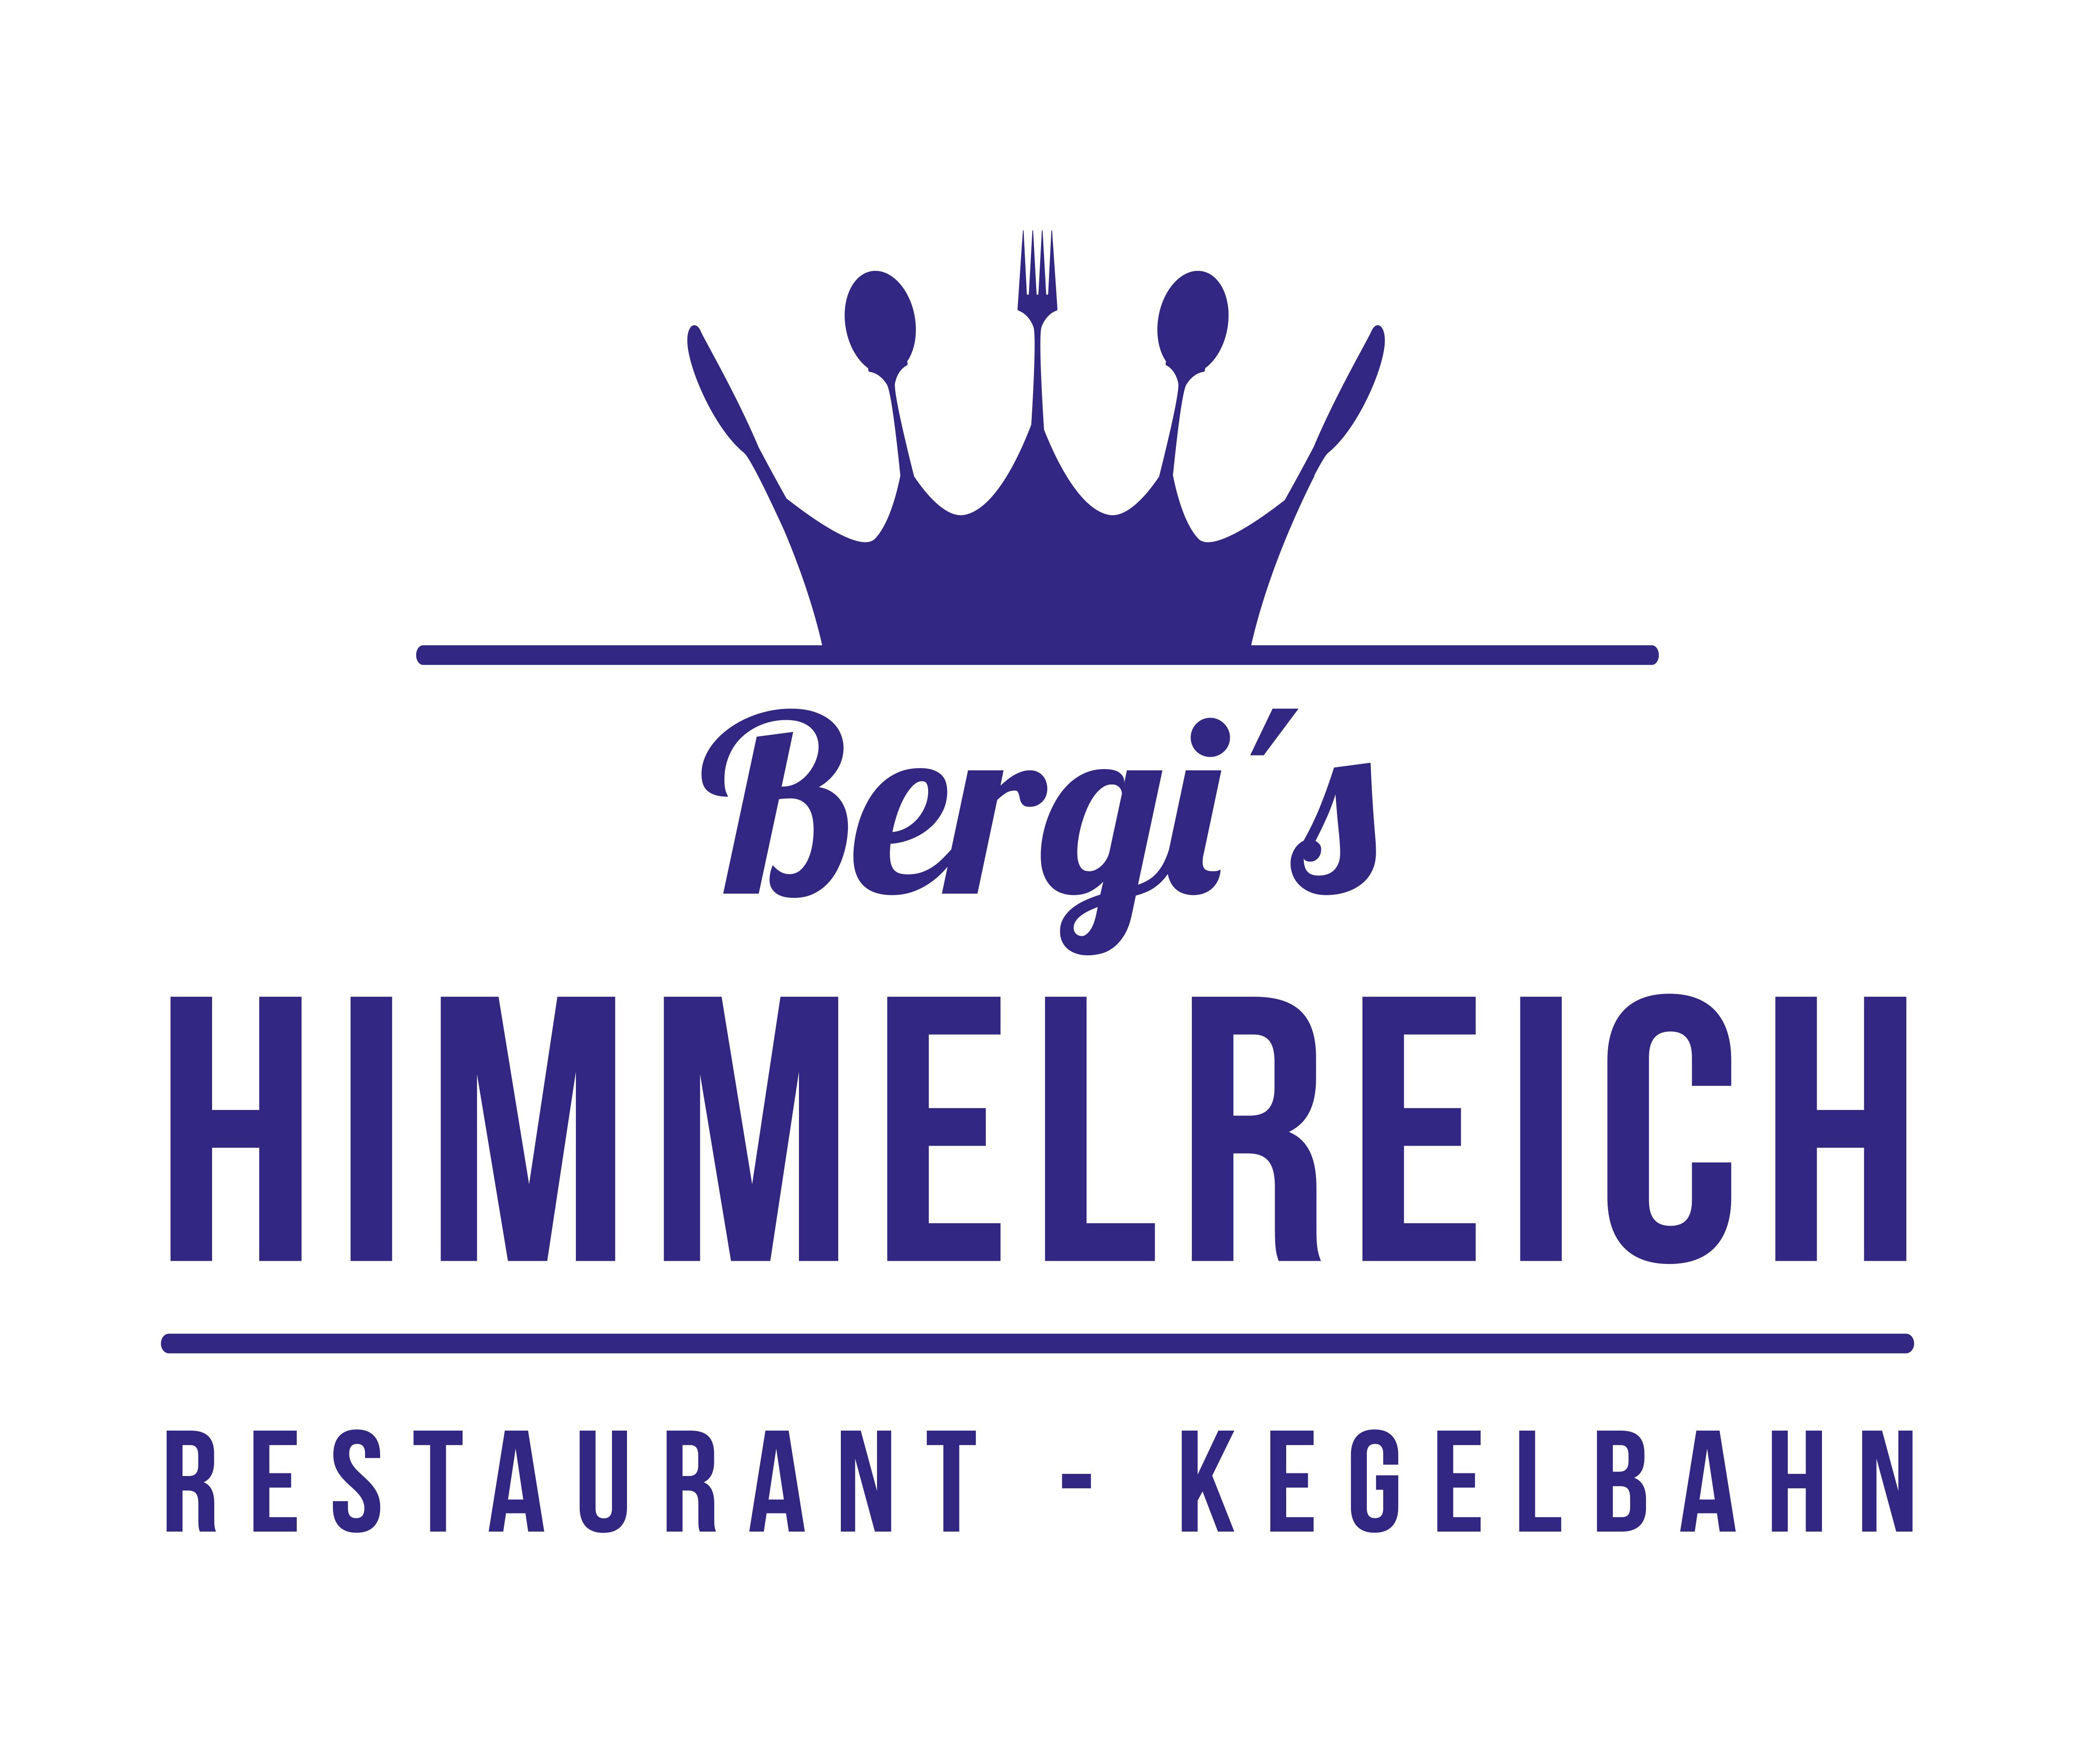 Bergi´s Himmelreich aus Regau im Bezirk Vöcklabruck in Oberösterreich | Gut bürgerliche Küche und feine Schmankerln: Dafür sind wir in der Region bekannt. Ihr Gasthaus Bergi´s Himmelreich aus Regau im Bezirk Vöcklabruck in Oberösterreich.